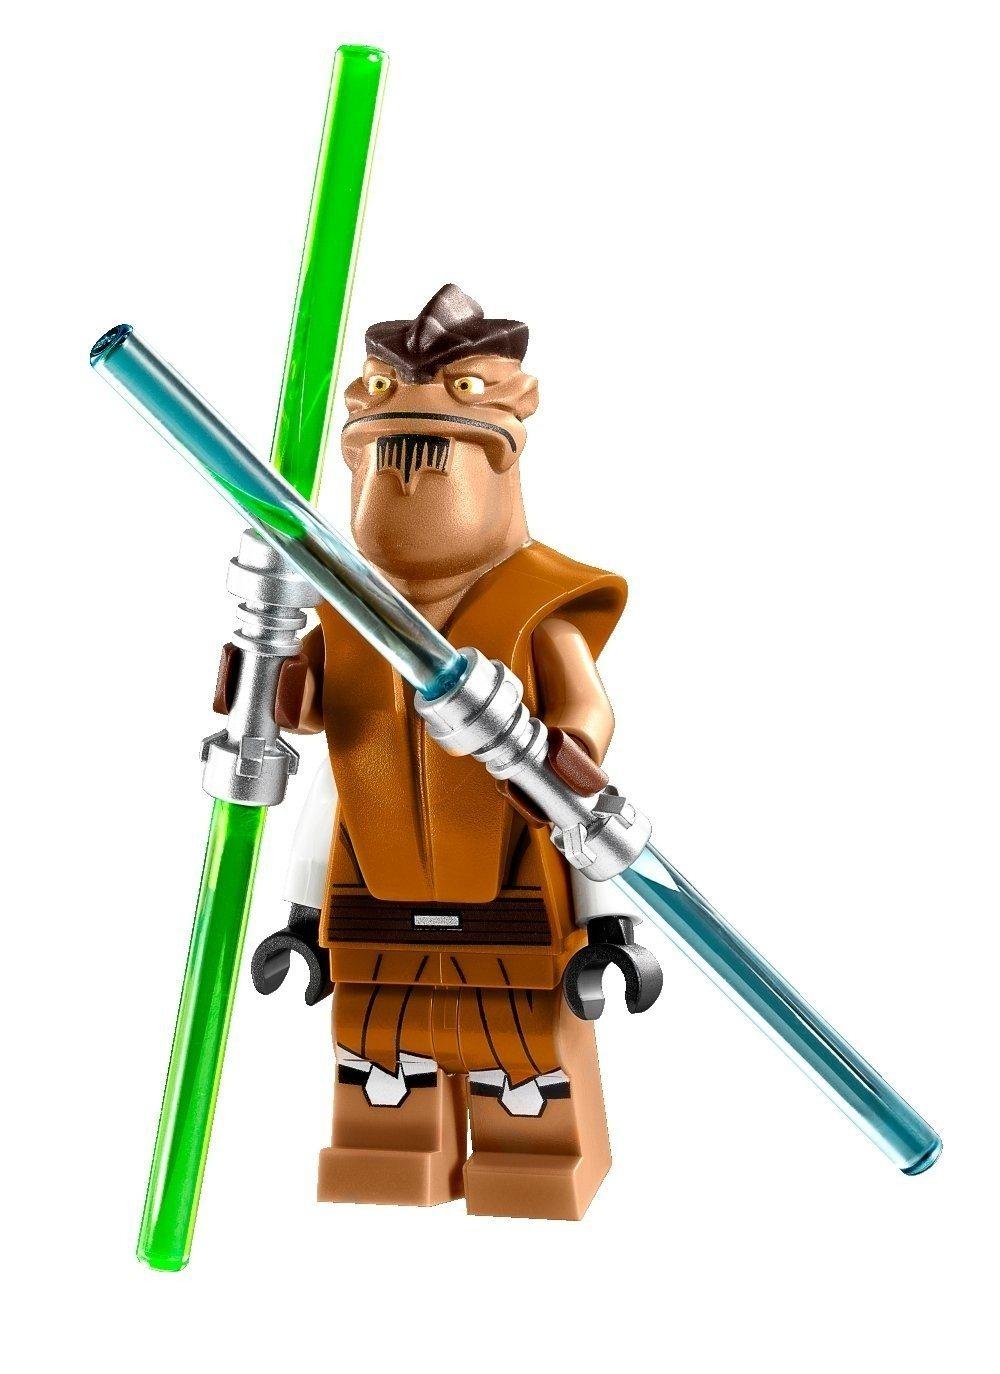 Lego Clone Wars: Starfighter ''Z-95 Headhunter''